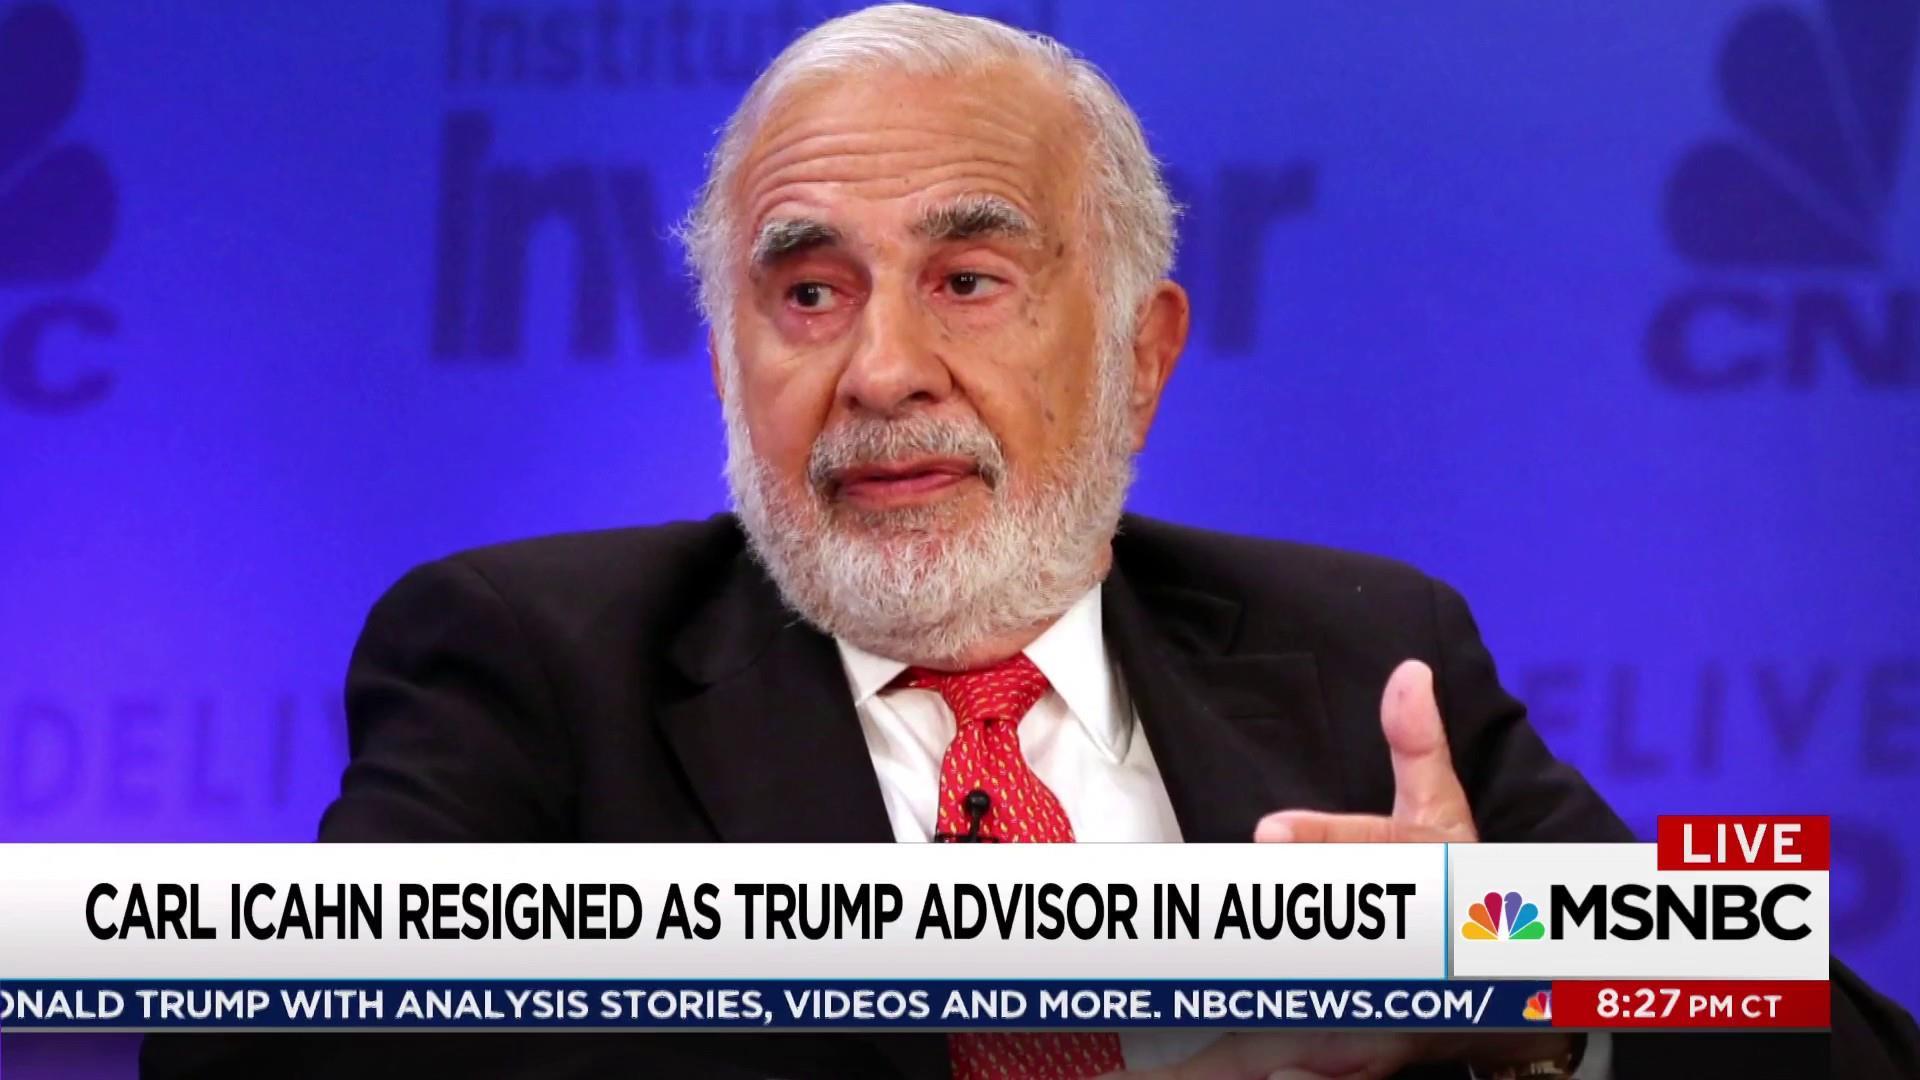 US prosecutors subpoena former Trump advisor